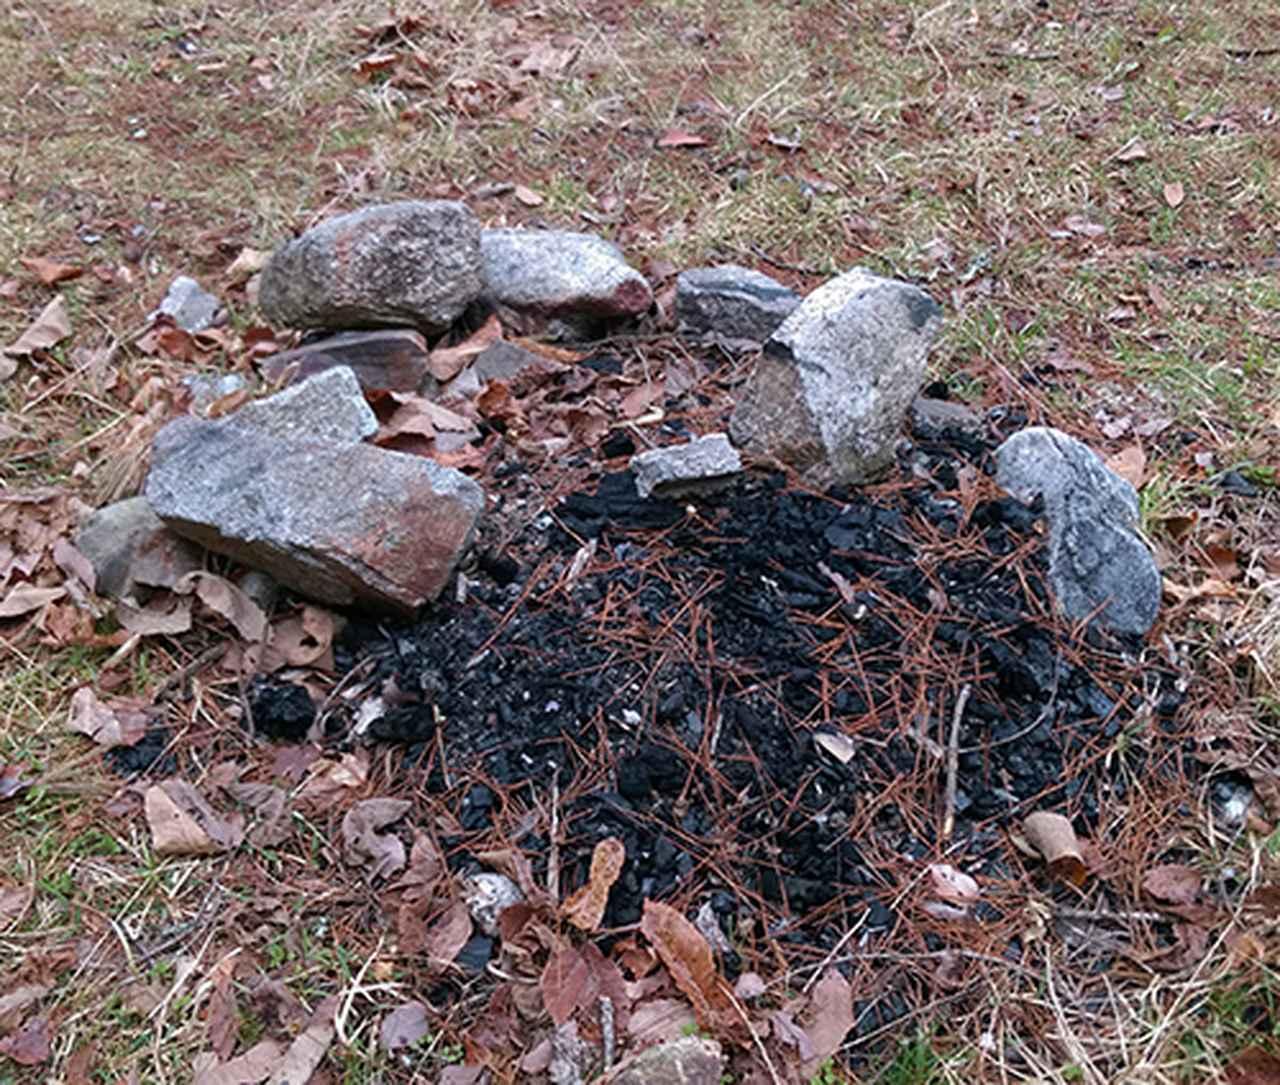 画像: 筆者撮影 直火禁止キャンプ場での焚き火